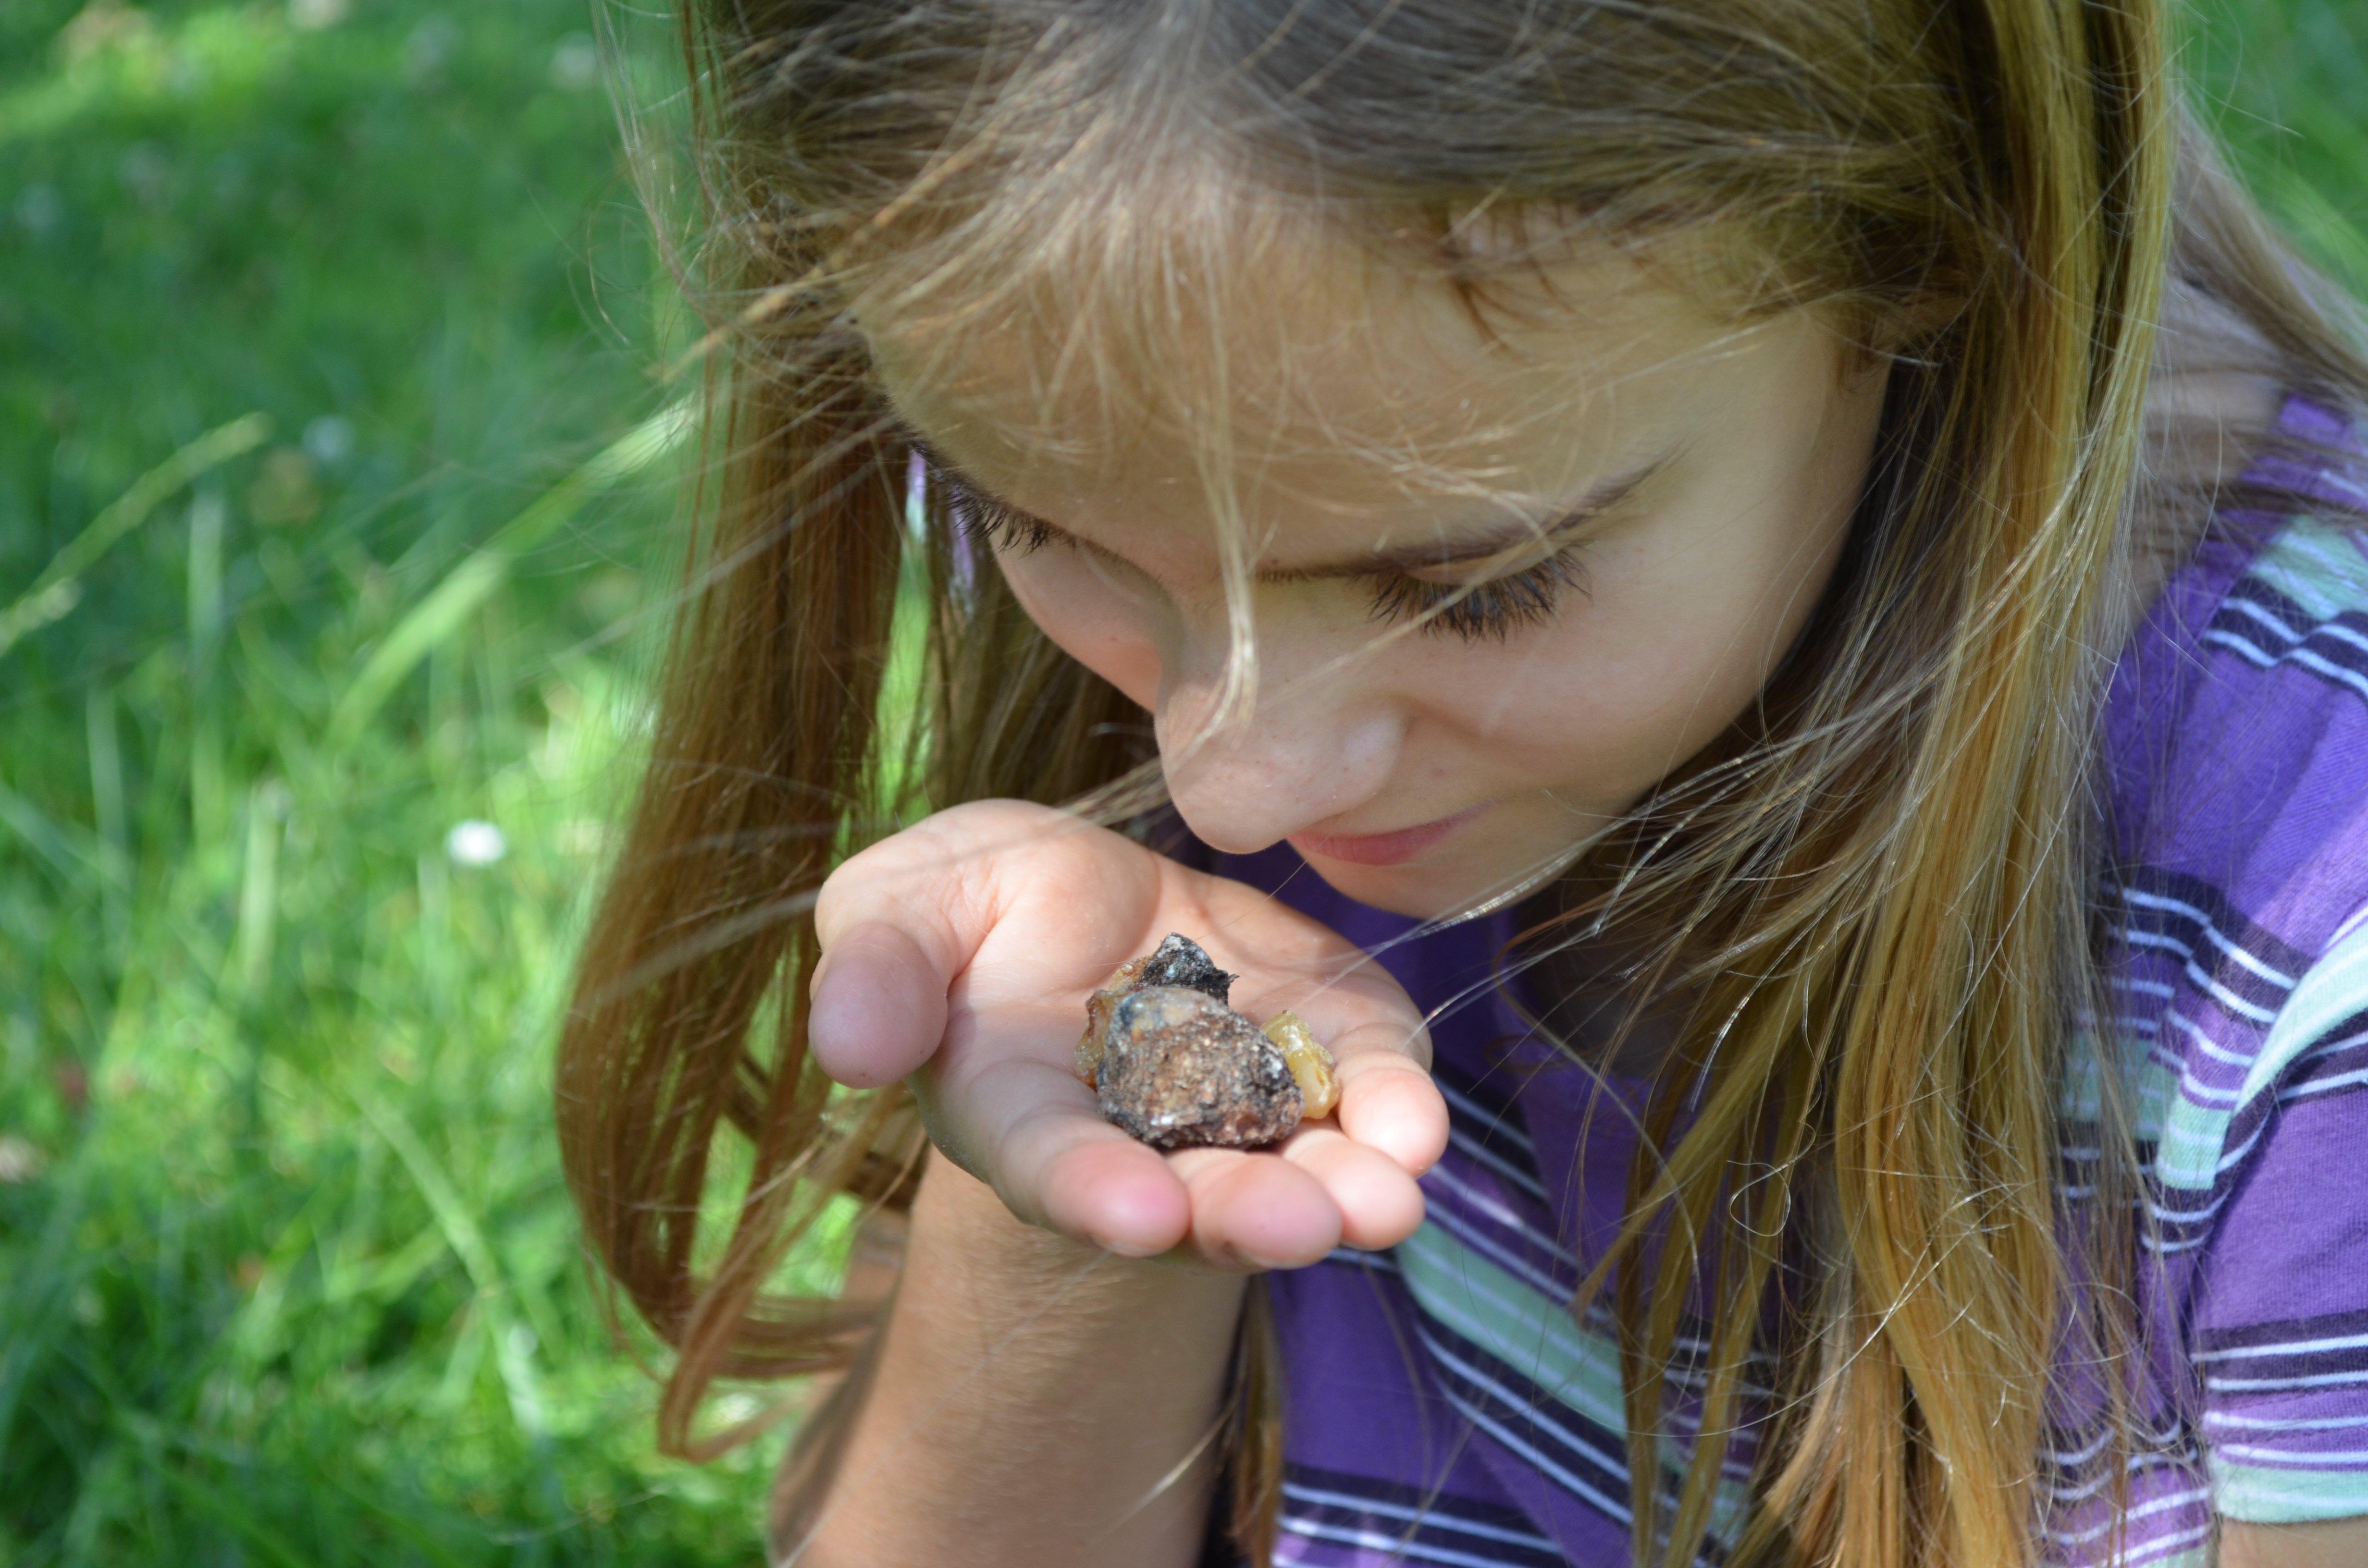 Das Mädchen riecht an einem Fichtenharz. Bei Kindern kann man beobachten, dass das tiefe Urwissen schneller aufbricht, das tief in uns allen verschüttet liegt.